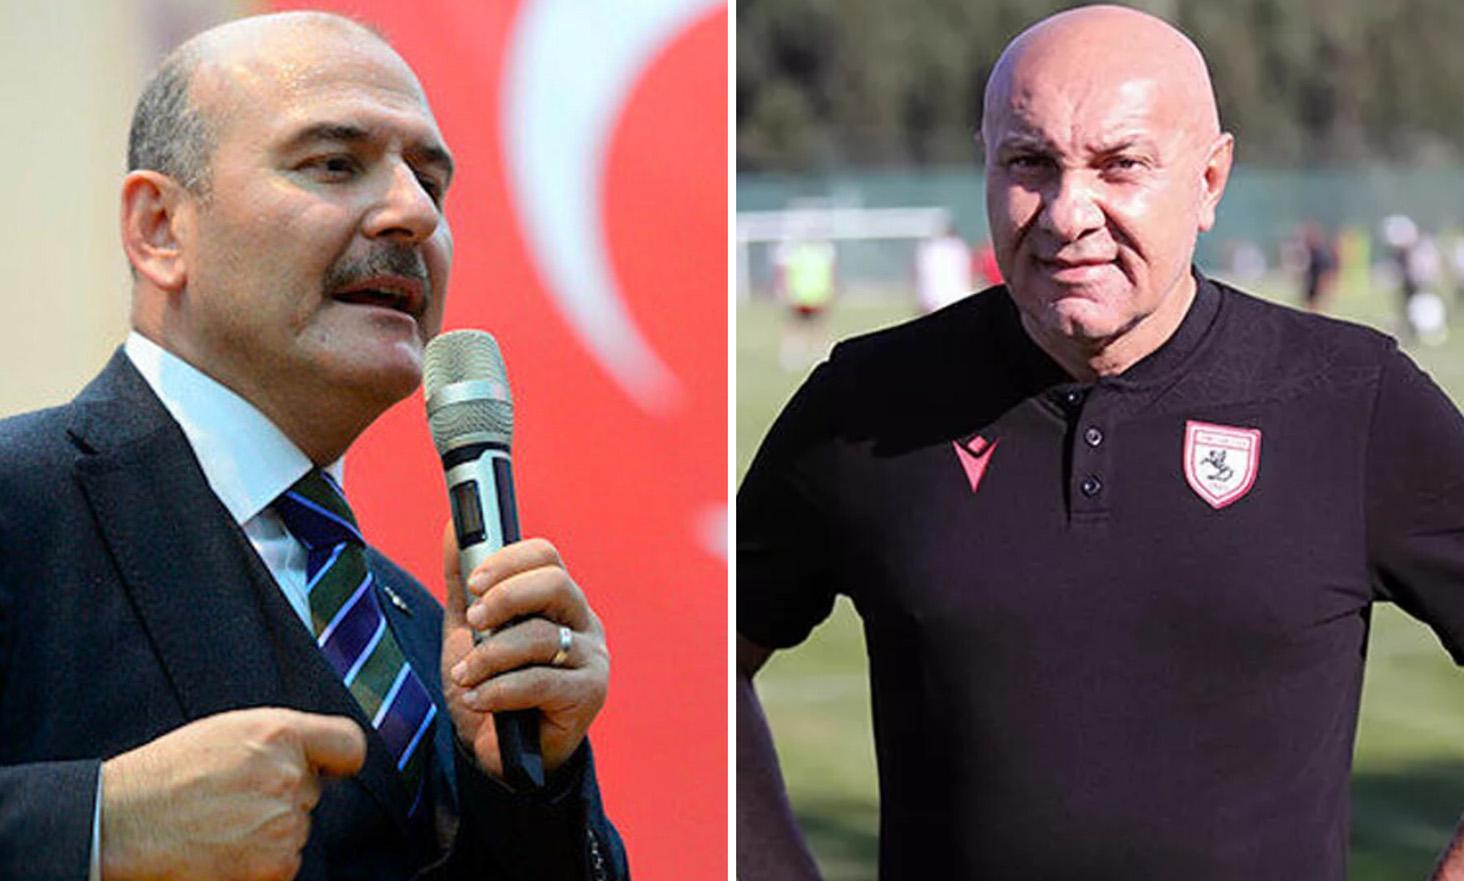 Soylu'nun Suç Duyurusunda Bulunduğu Samsunspor Başkanı: 'Yanlış Anlaşıldım'